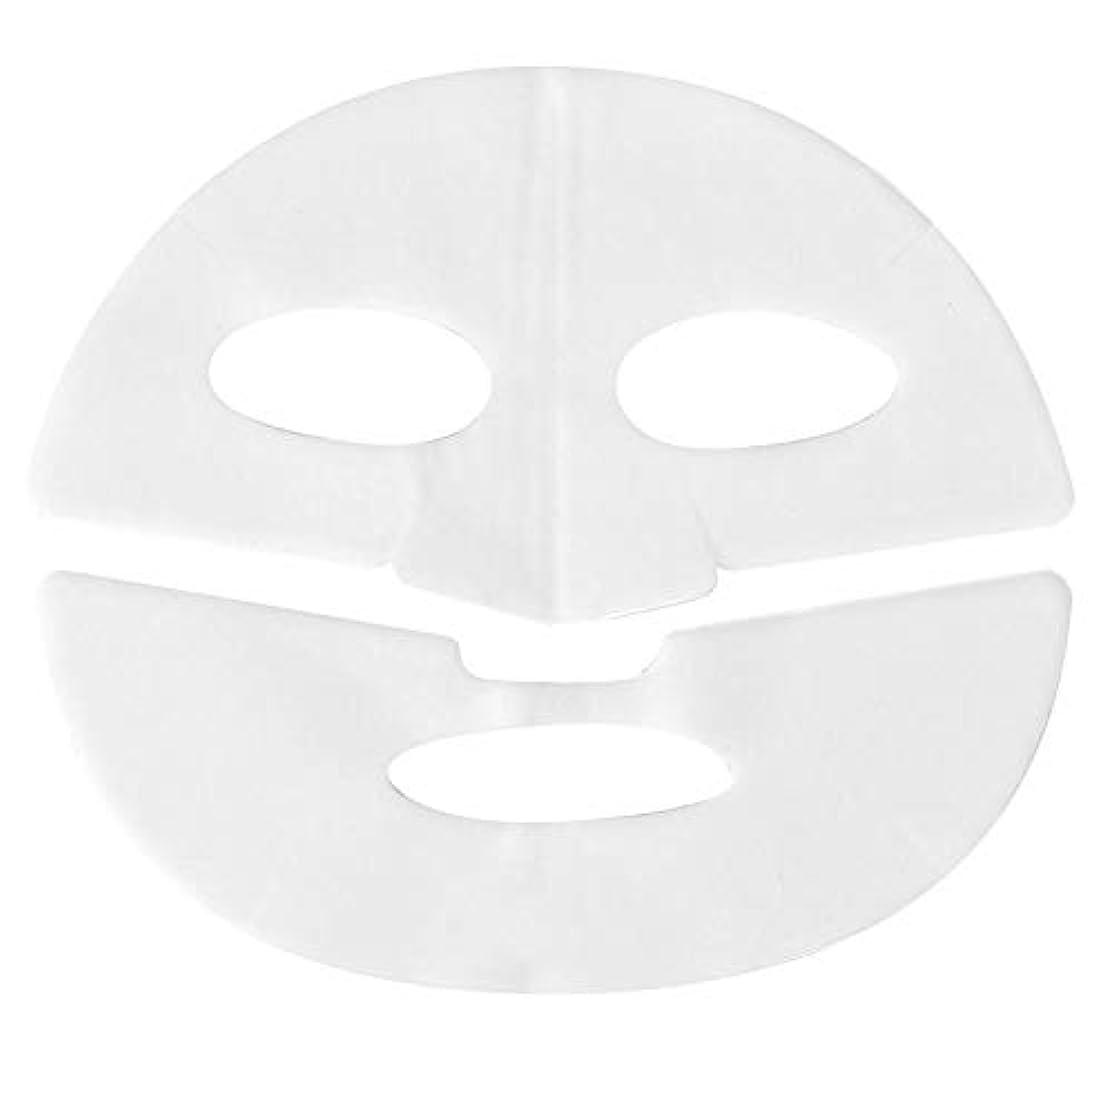 根拠昼寝妨げる10 PCS痩身マスク - 水分補給用V字型マスク、保湿マスク - 首とあごのリフト、アンチエイジング、しわを軽減